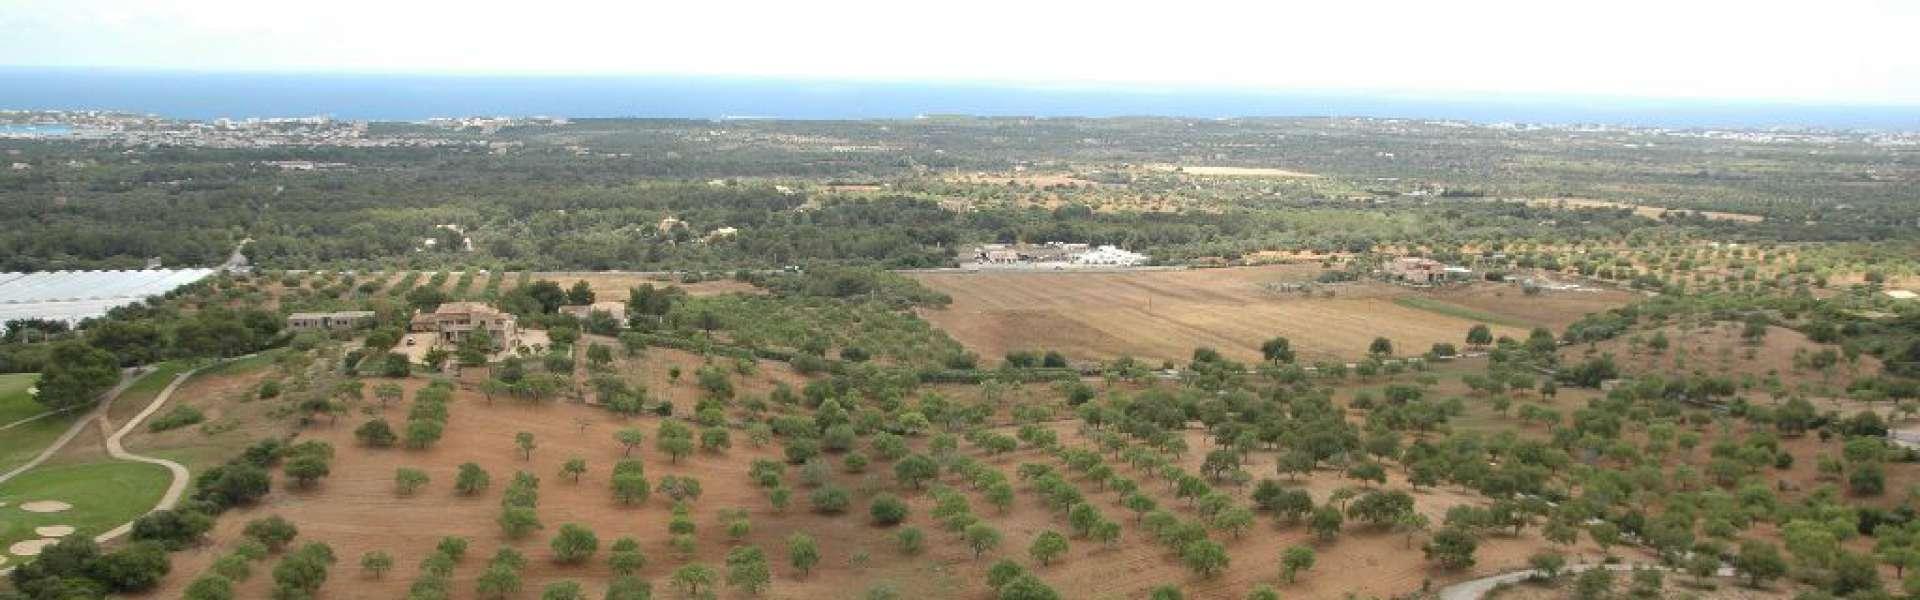 S'Horta - Baugrundstück direkt am Golfplatz von Vall d'Or